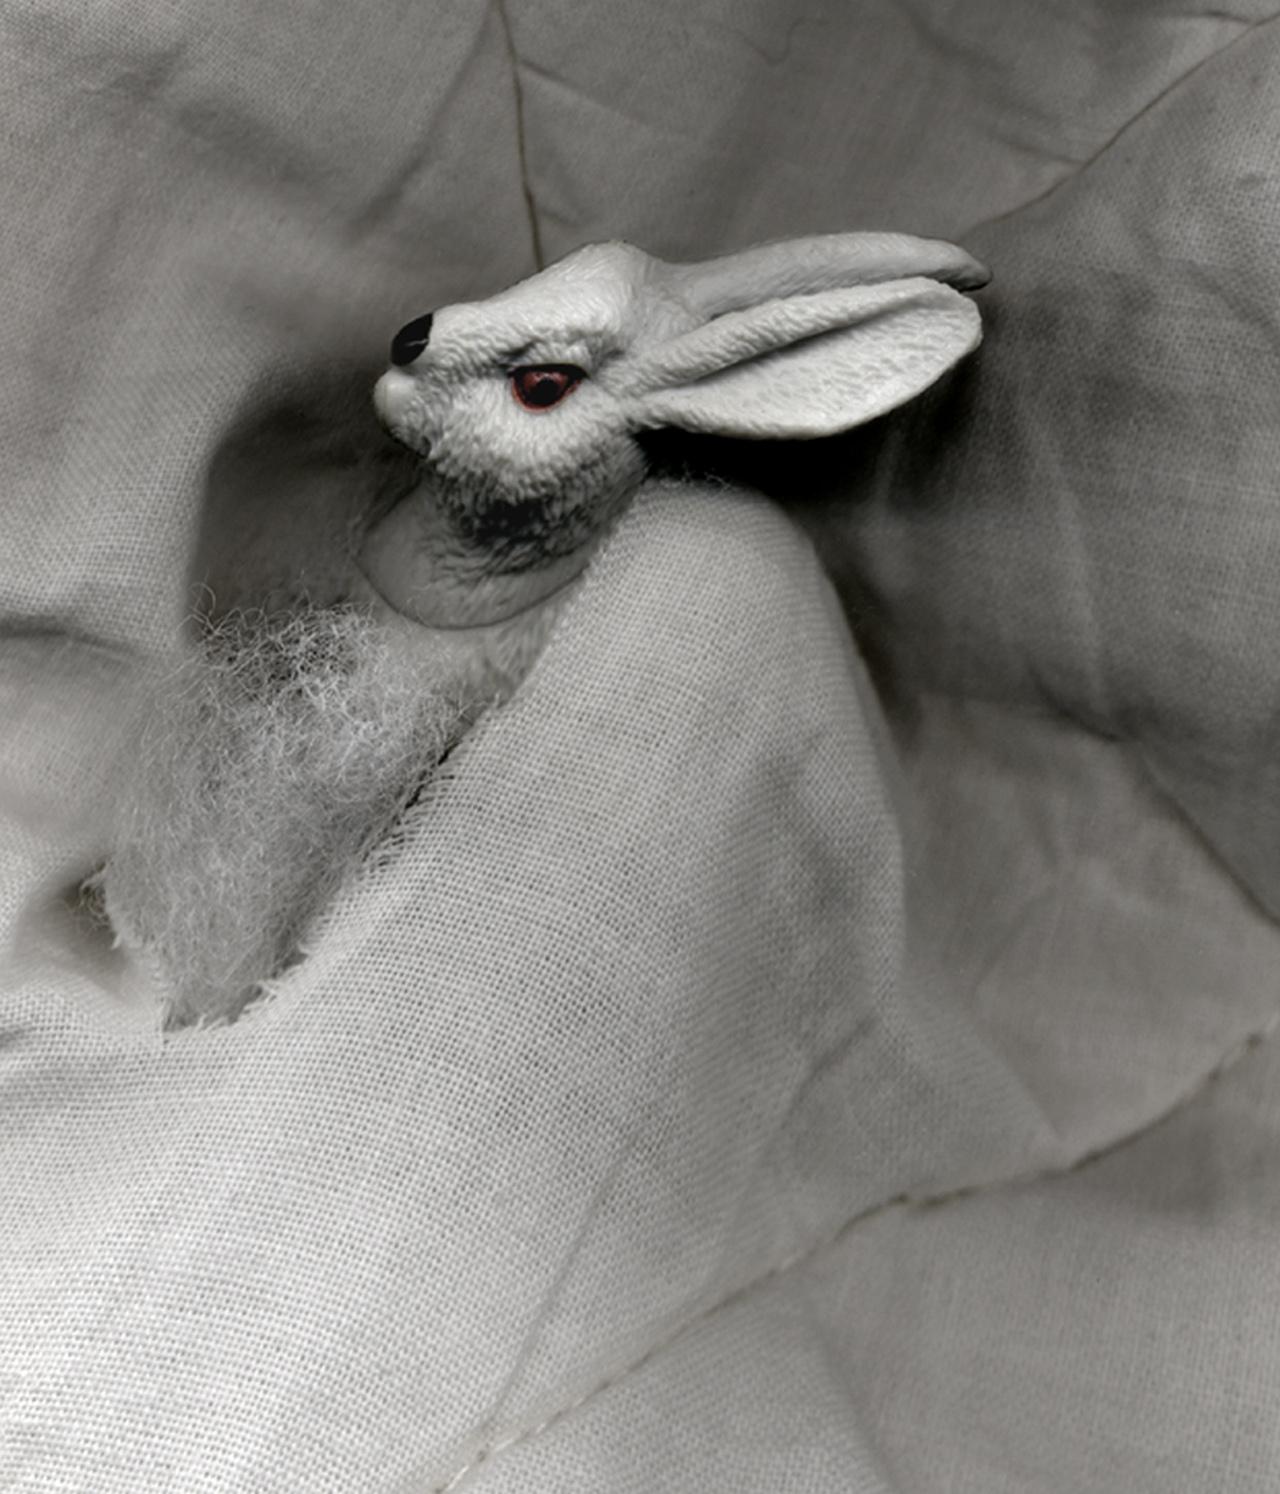 Pat Brassington,  The Permissions #4 , 2013, pigment print, 21 x 18cm.